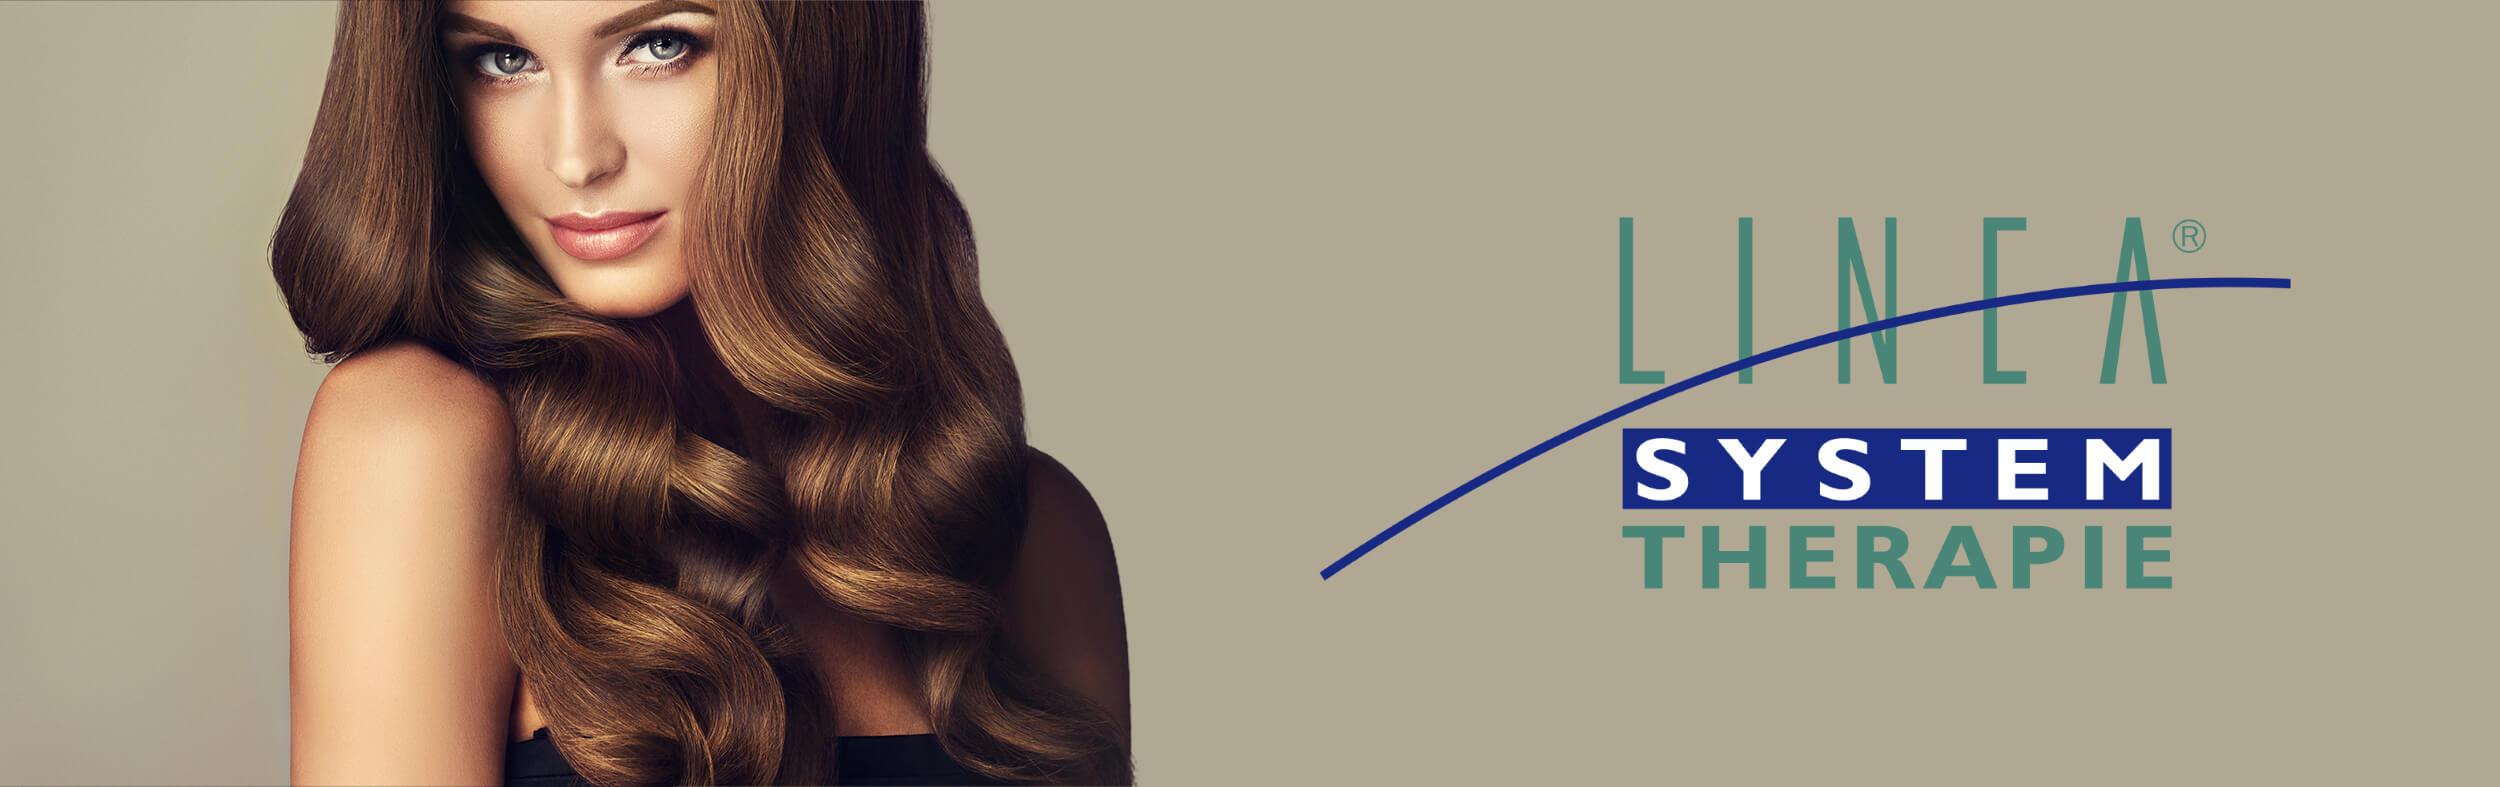 Linea System Therapie für Ihr Haar